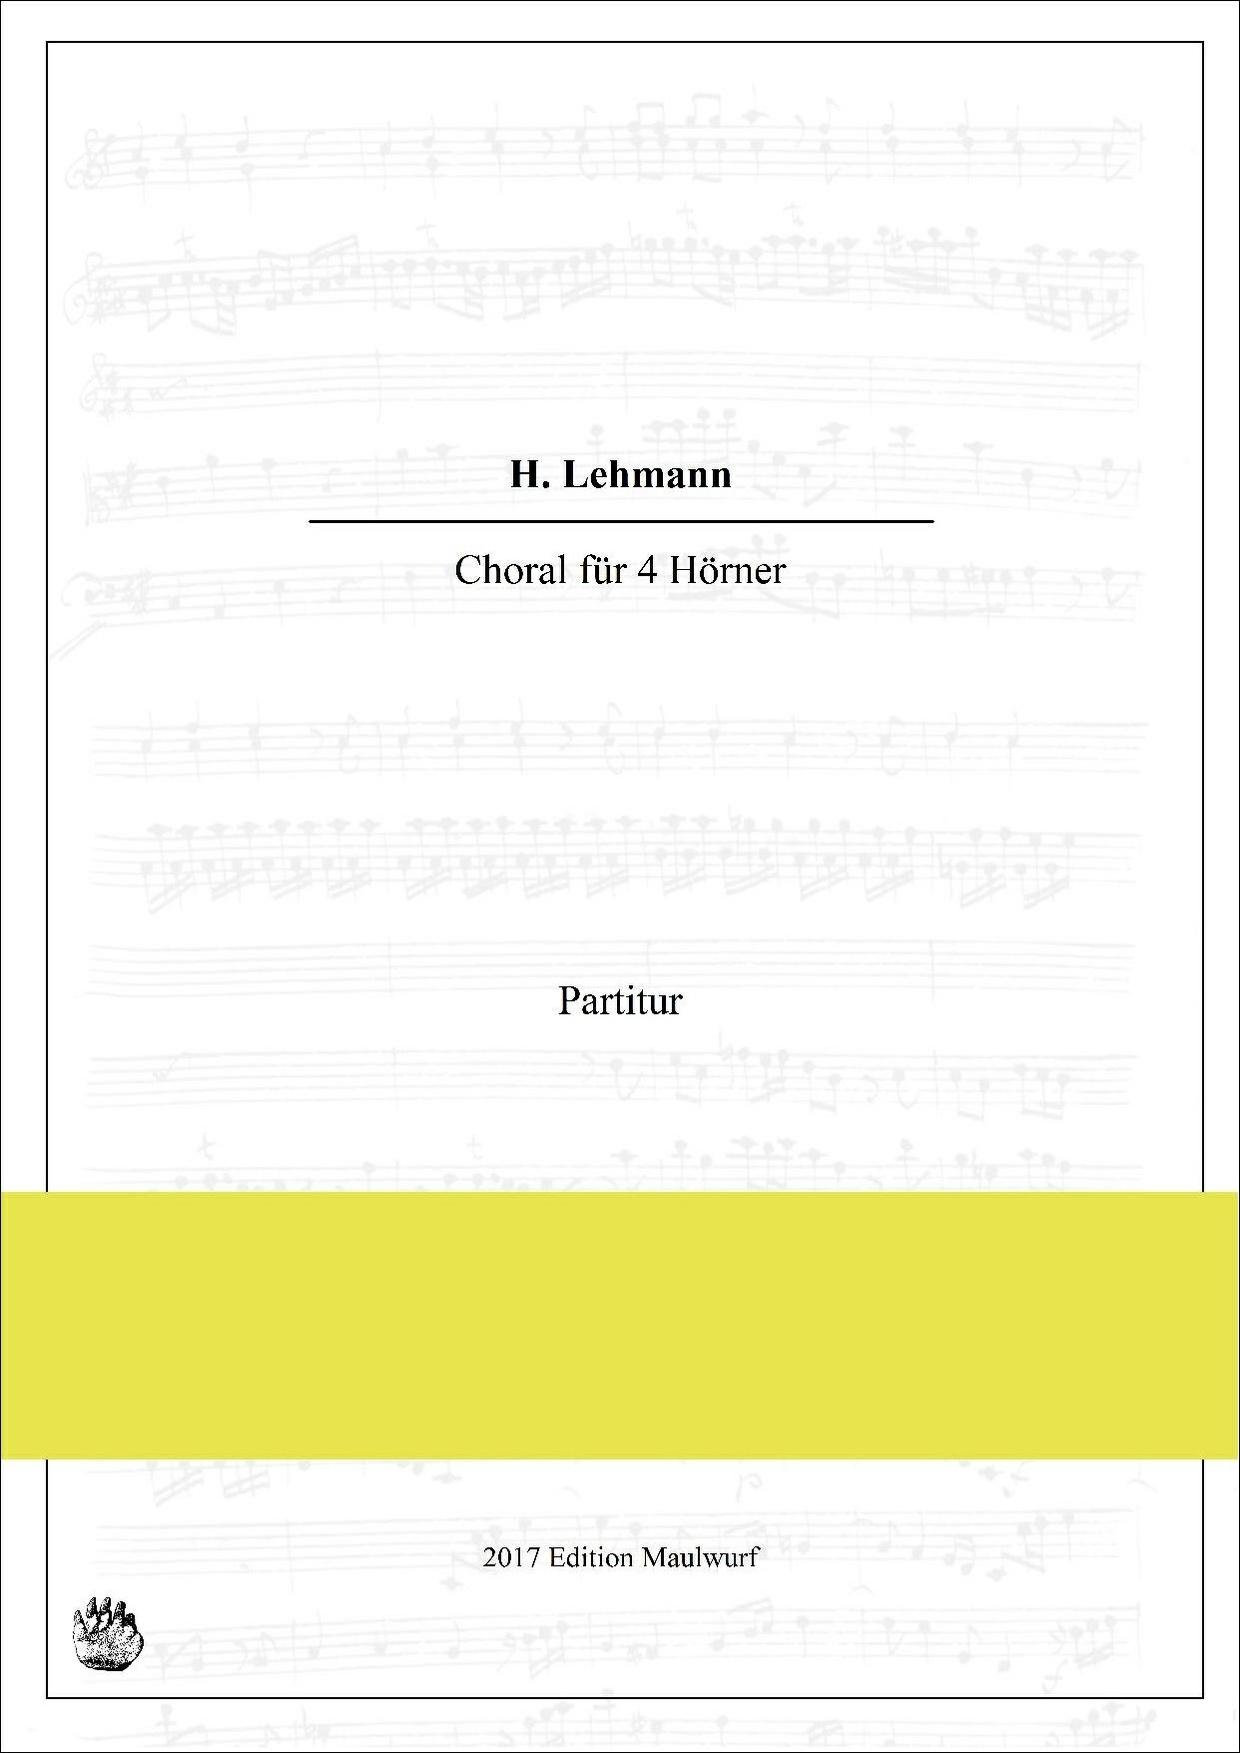 H. Lehmann Choral für 4 Hörner